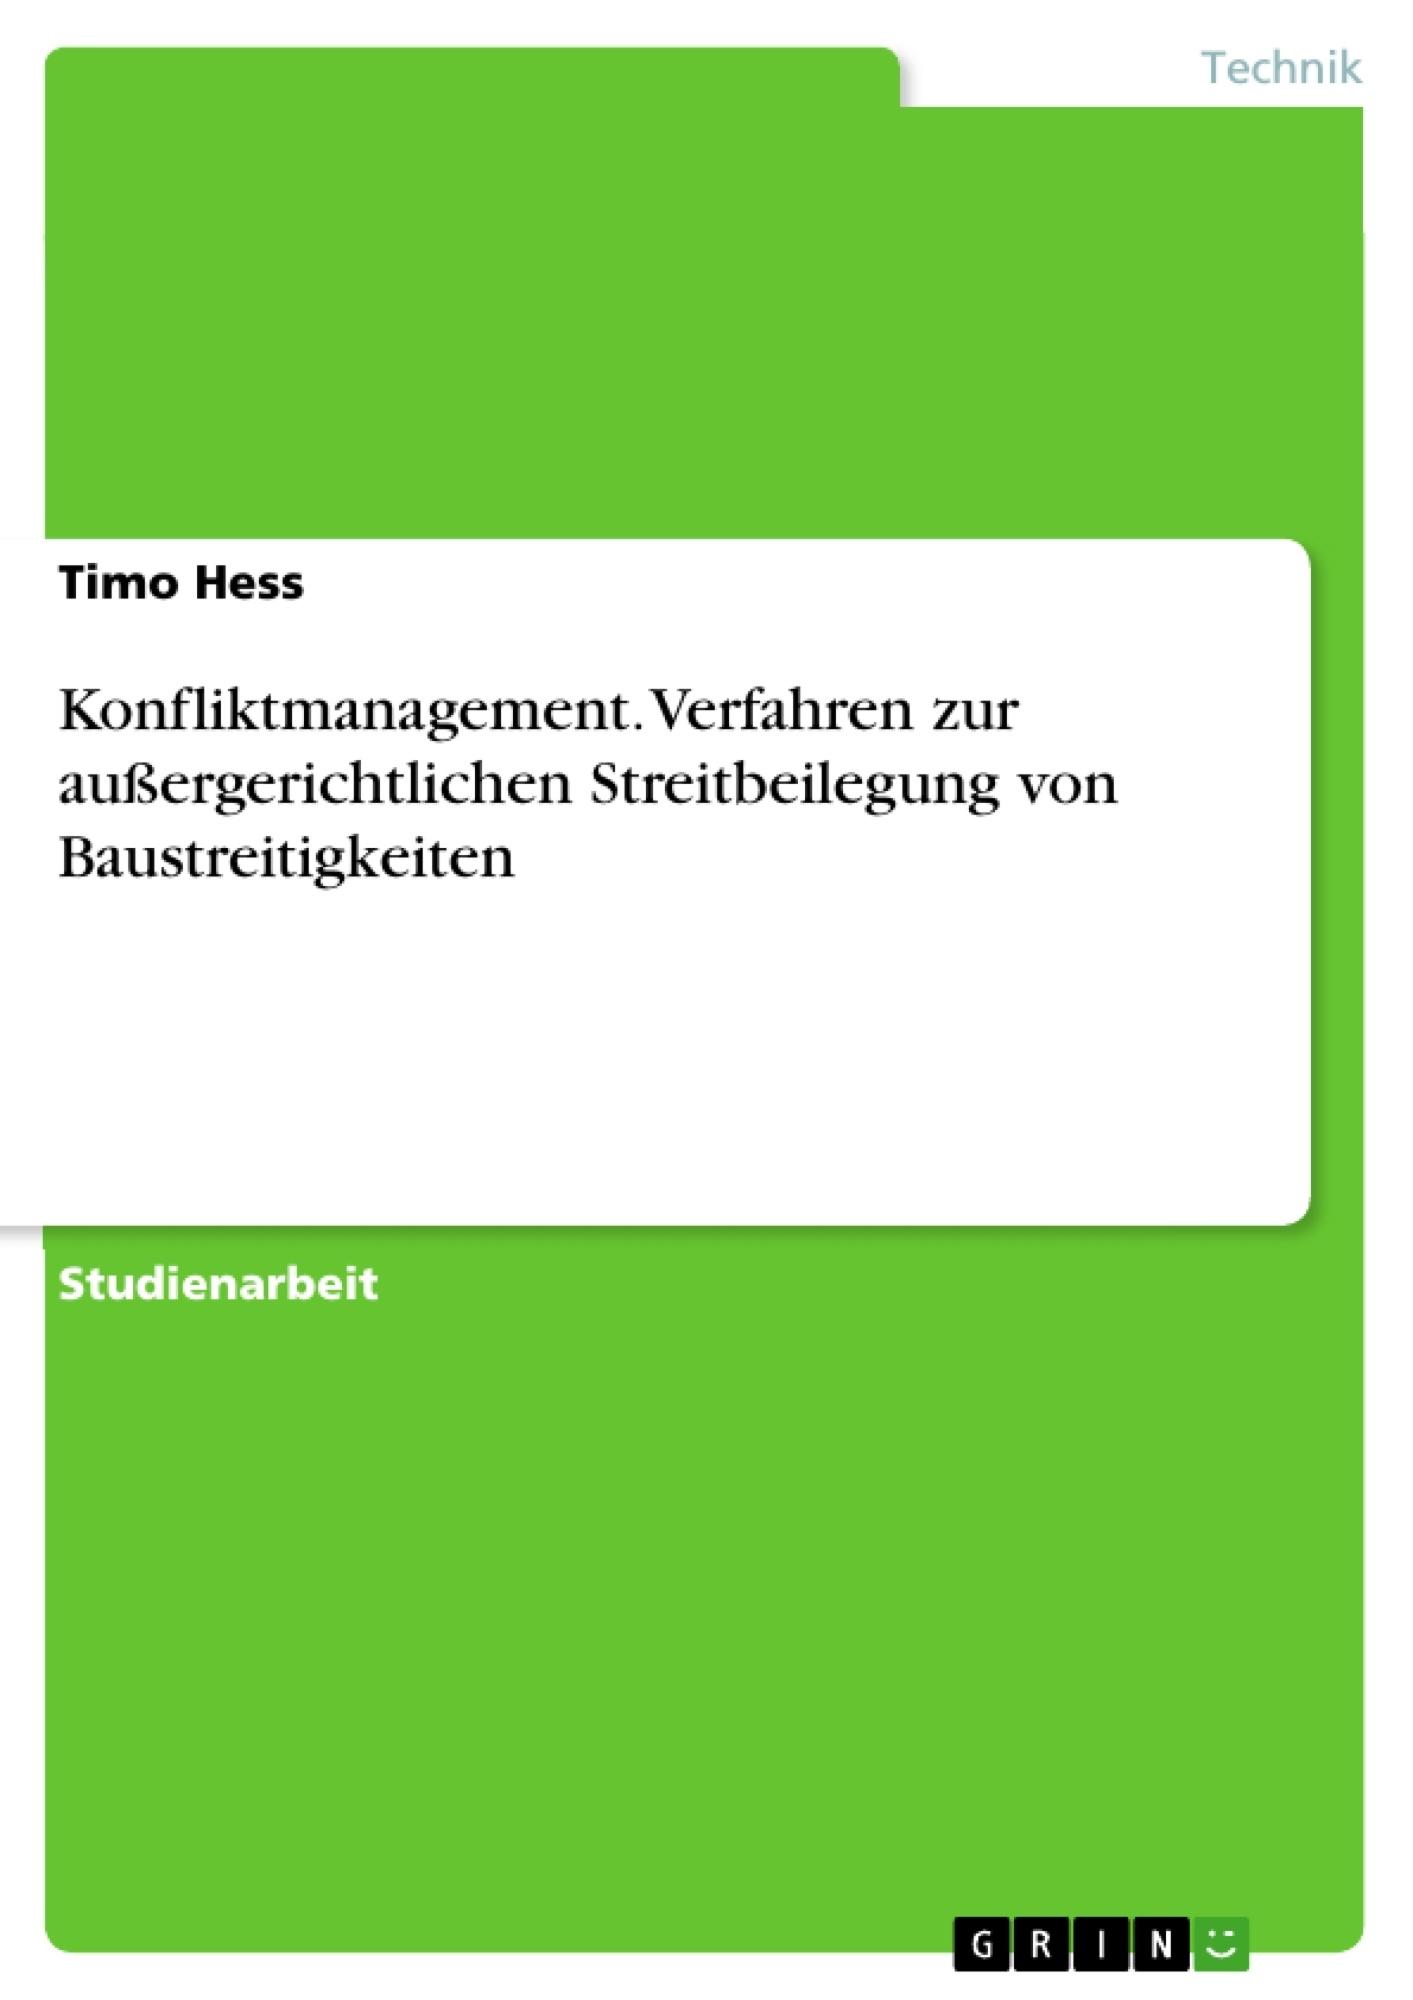 Titel: Konfliktmanagement. Verfahren zur außergerichtlichen Streitbeilegung von Baustreitigkeiten